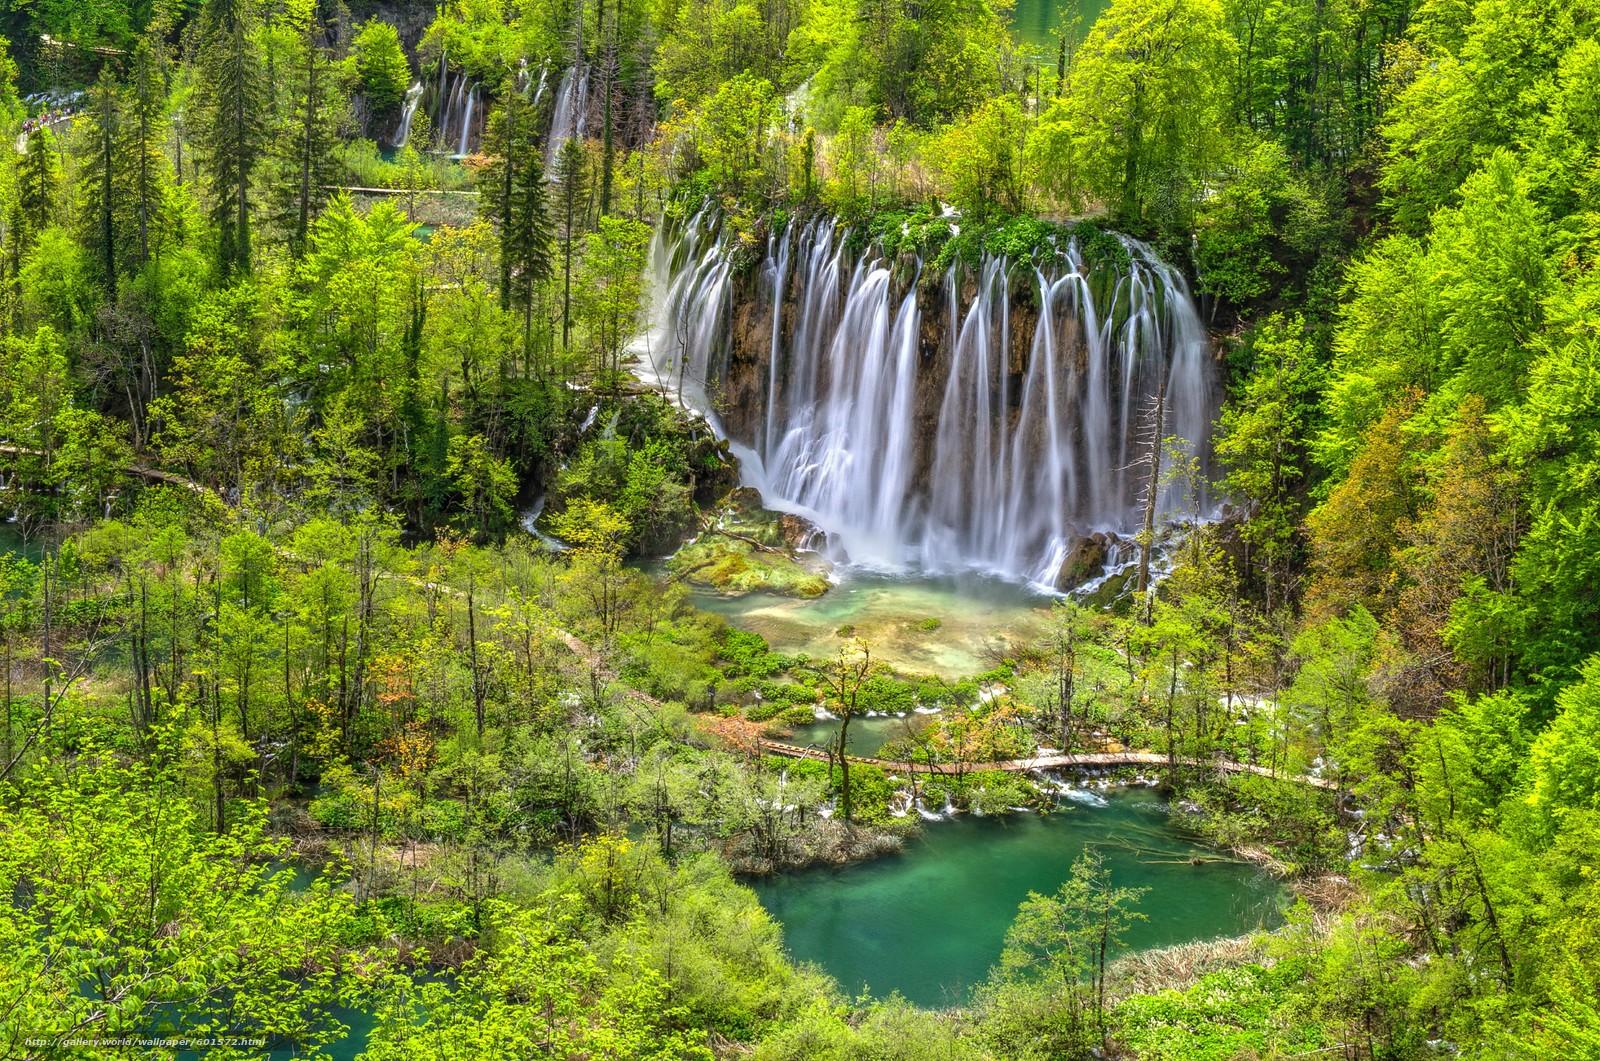 Tlcharger Fond d'ecran arbres,  cascades,  cascade,  parc national Fonds d'ecran gratuits pour votre rsolution du bureau 4947x3279 — image №601572